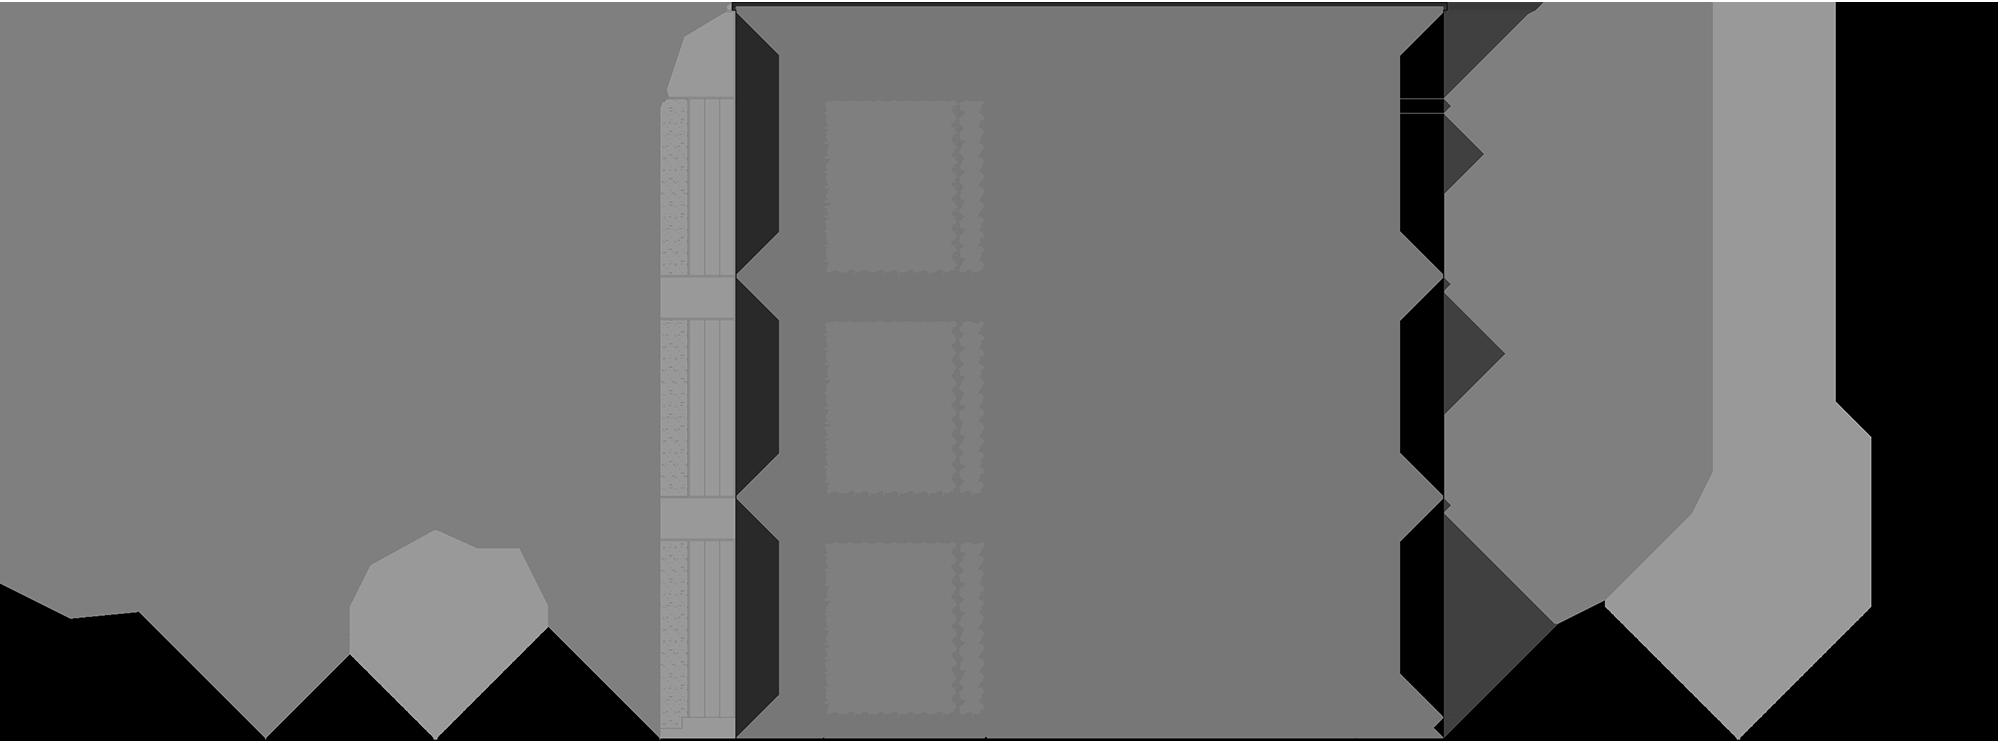 KRK-NIE-twin-08-elevation-W